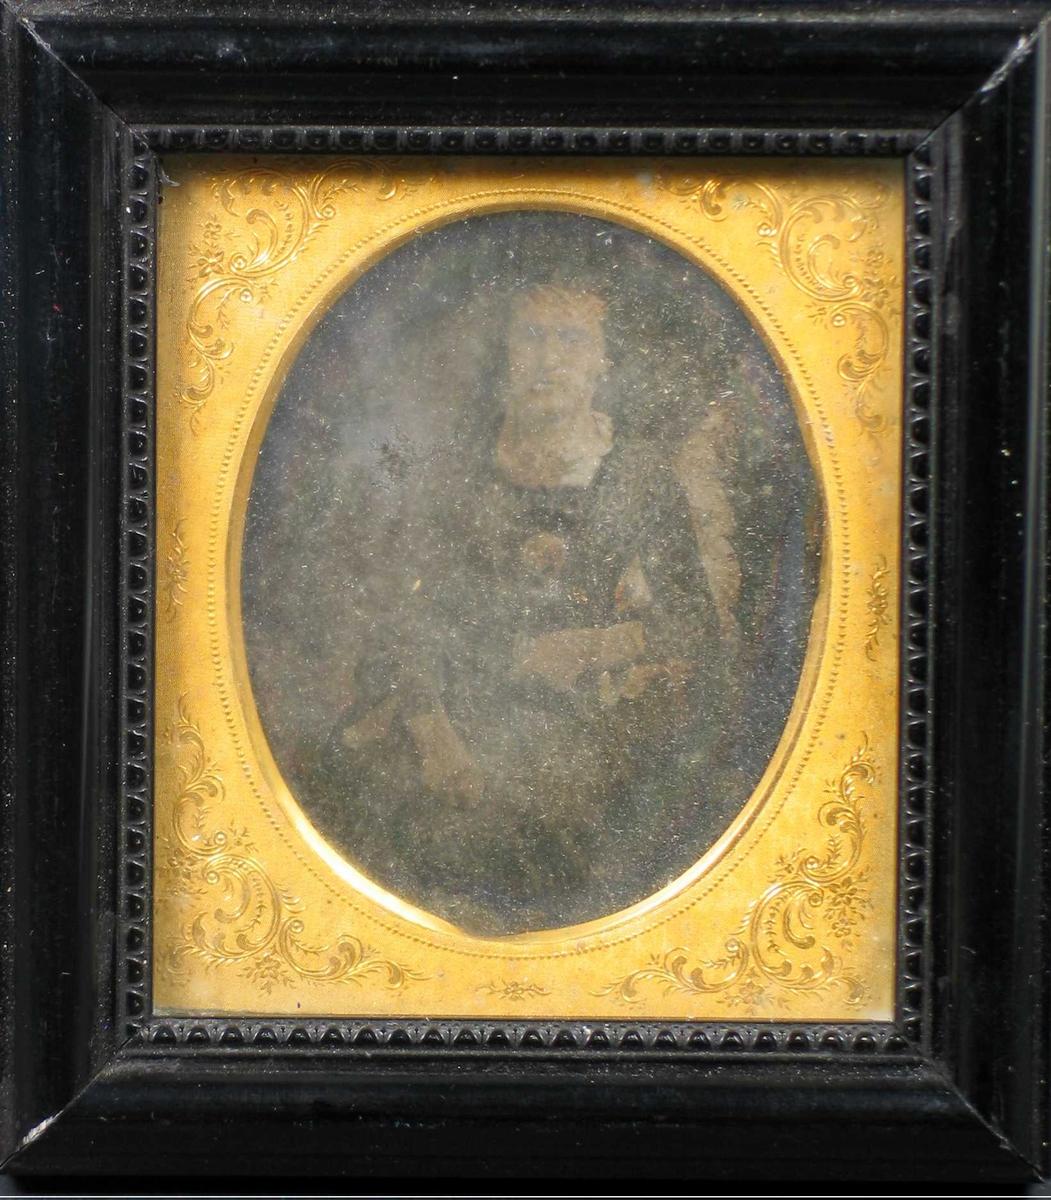 Bildet har en gyllen mønstret omramming, glass og svart treramme med perlekant. Motivet er svært utydelig.